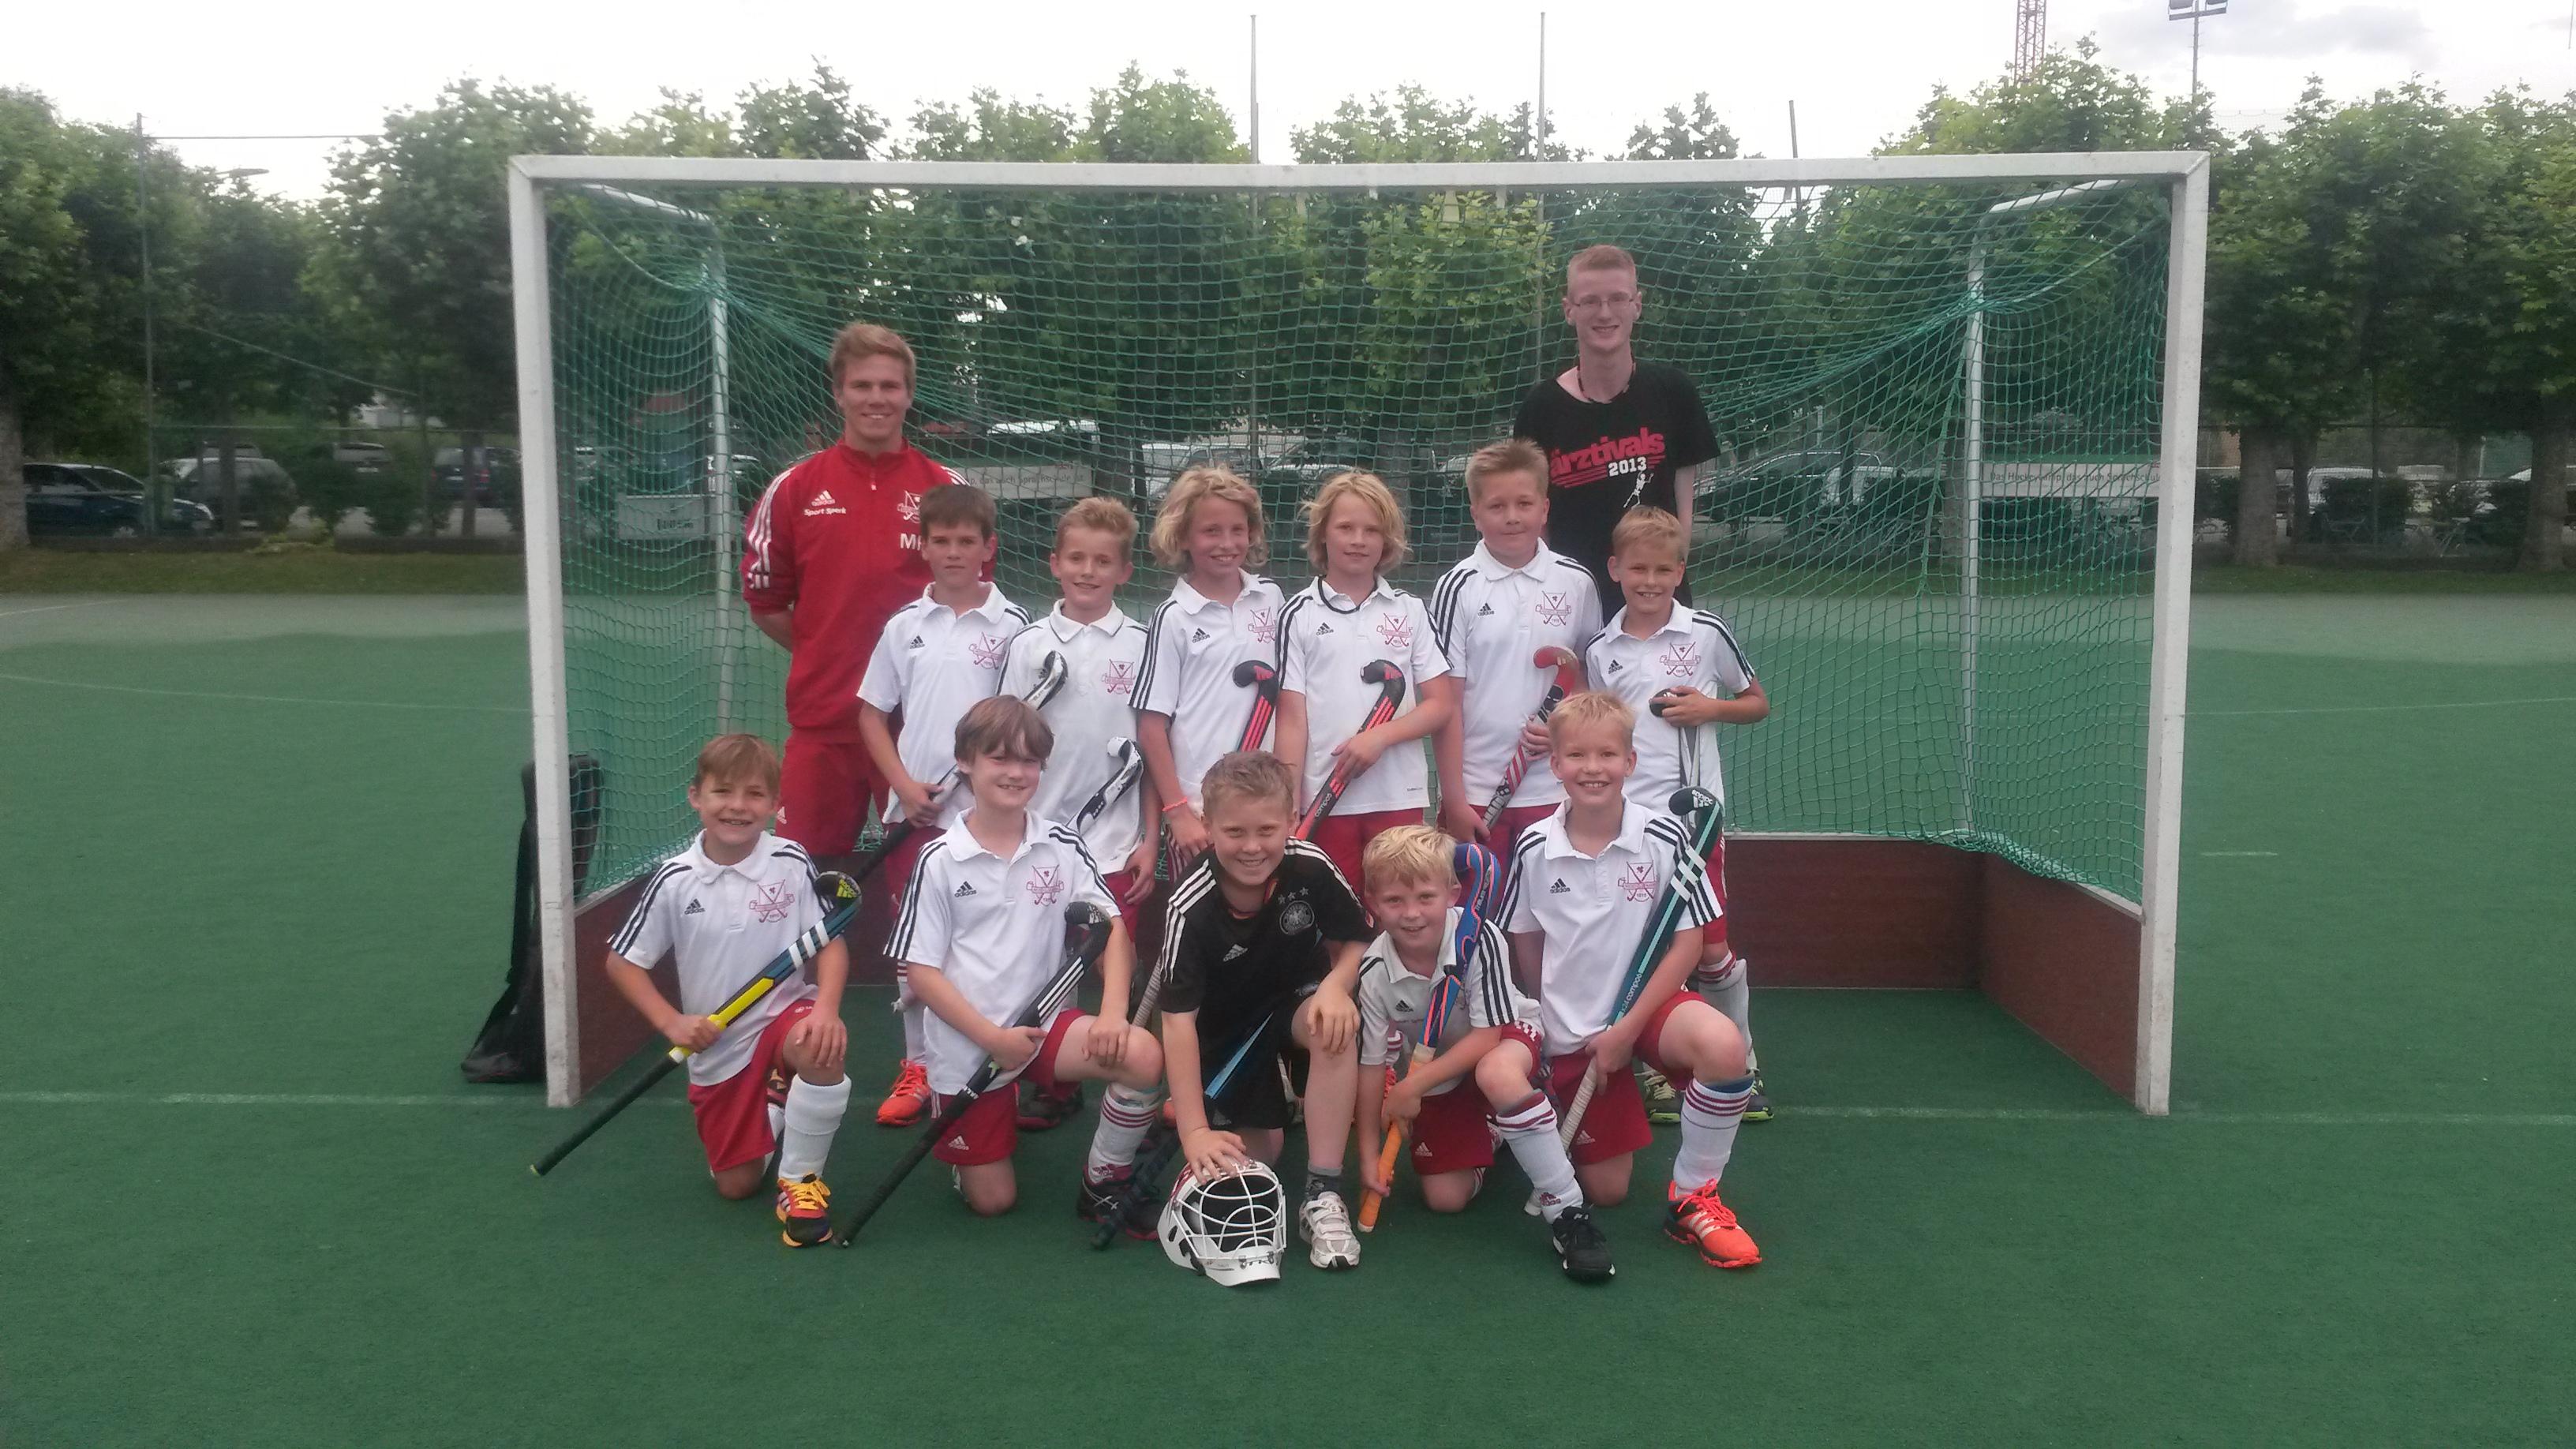 ^ rchiv - Hockey-lub Kassel e.V.